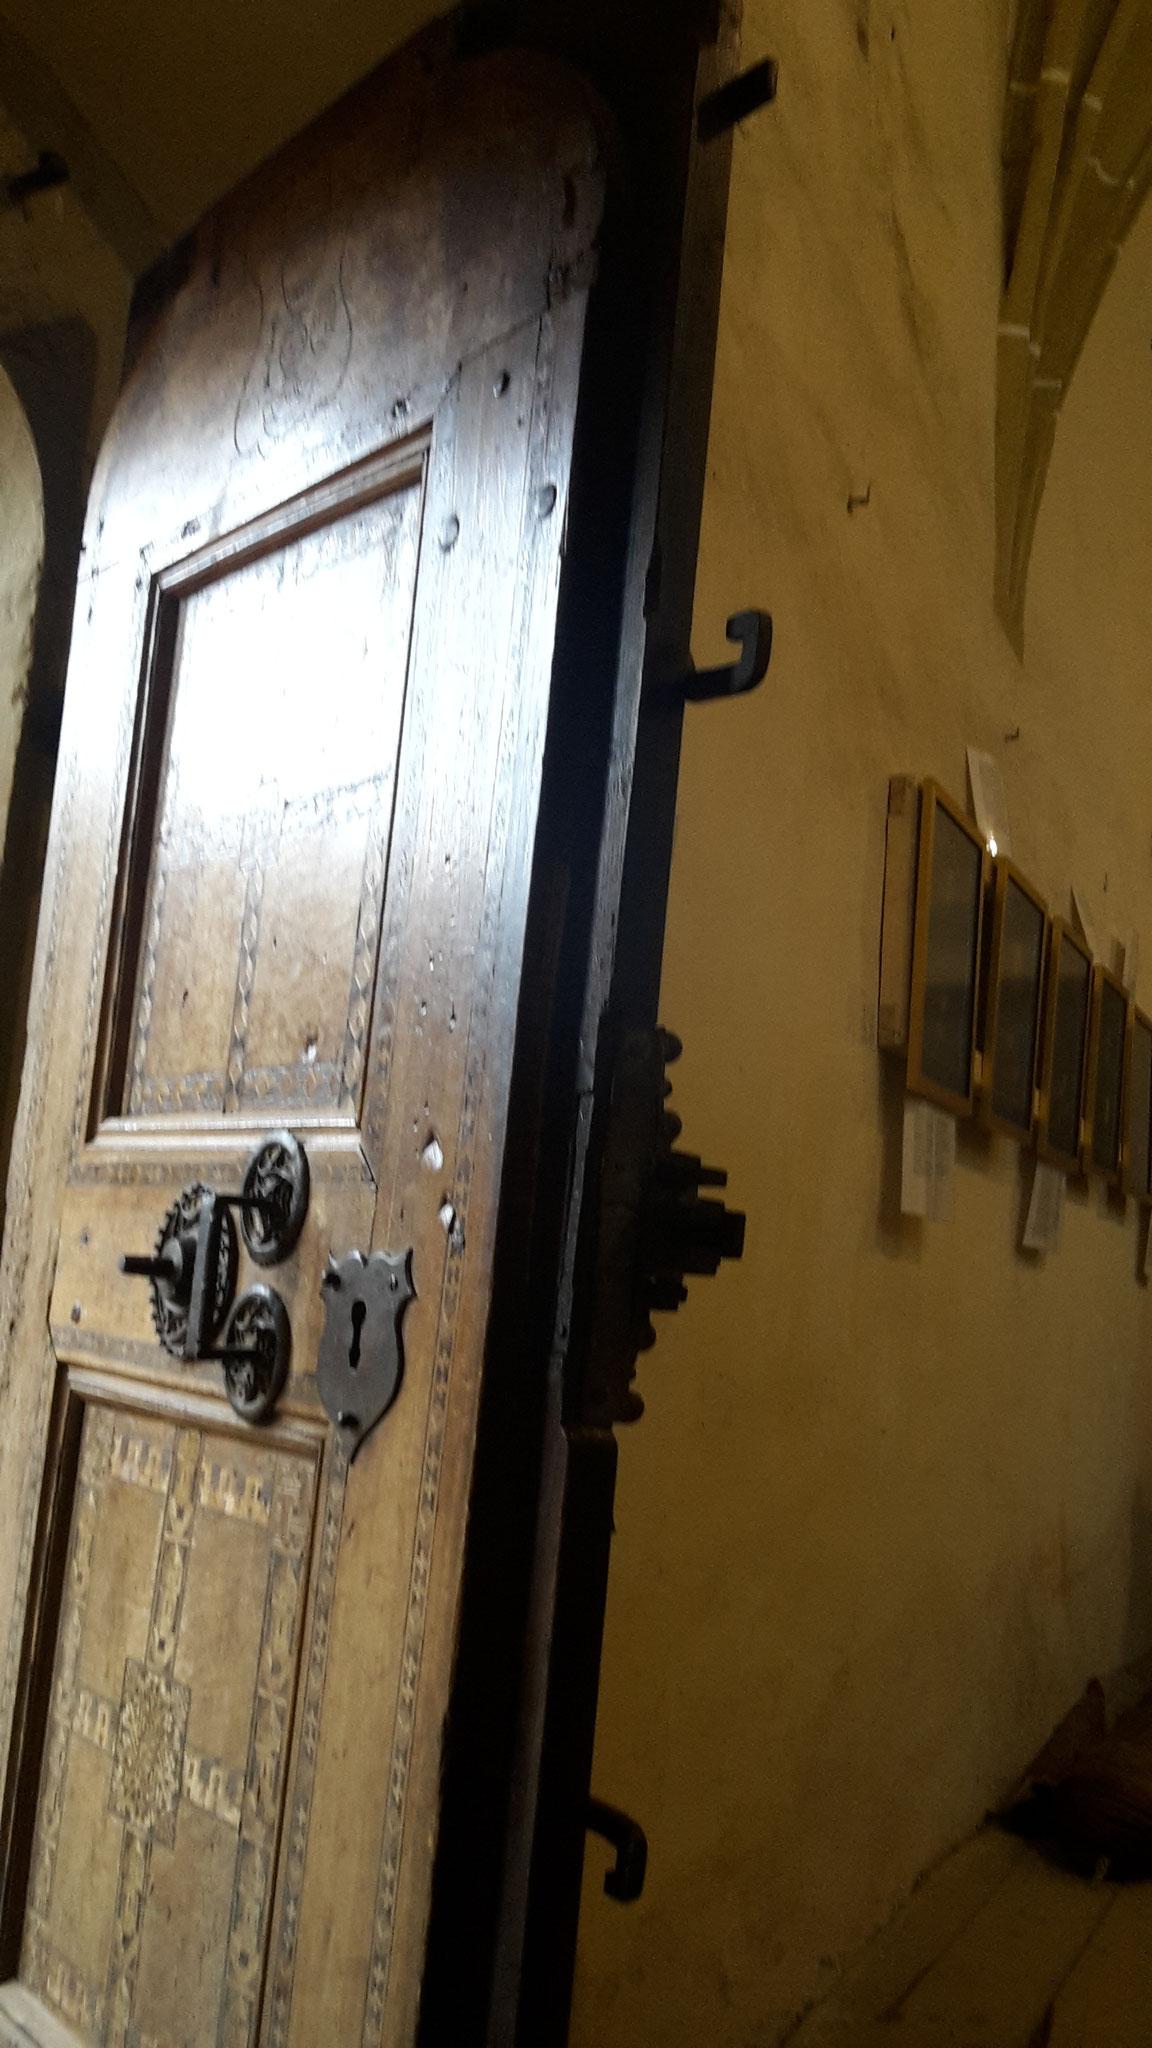 la puerta vista de perfil